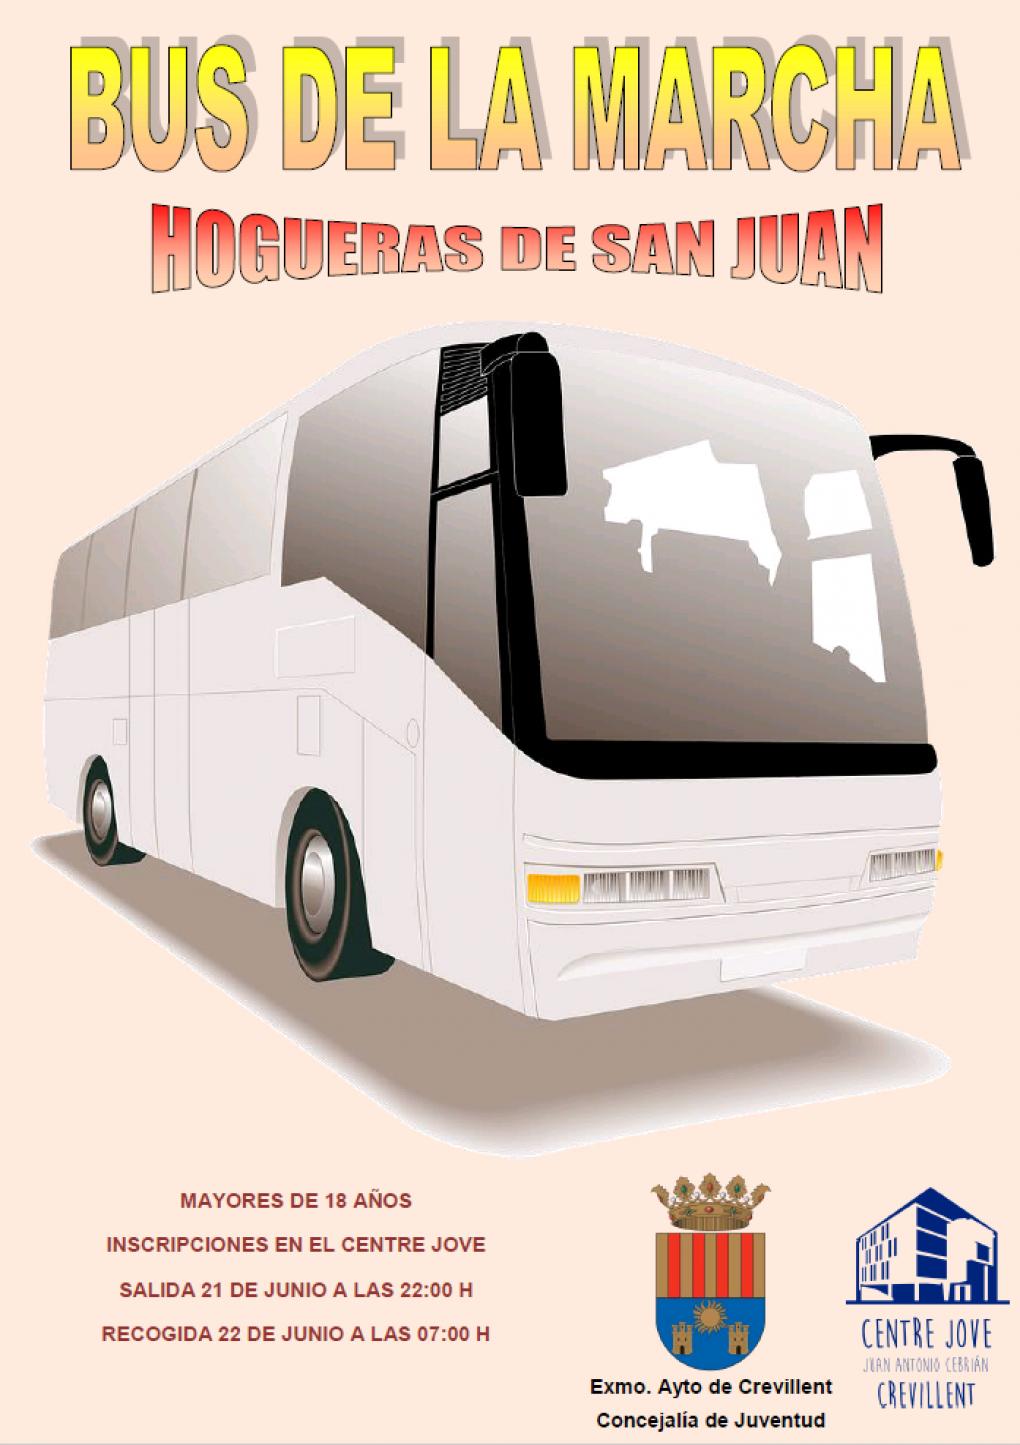 Juventud retoma el Bus de la Marcha para que los jóvenes participen en las Hogueras de San Juan en Alicante